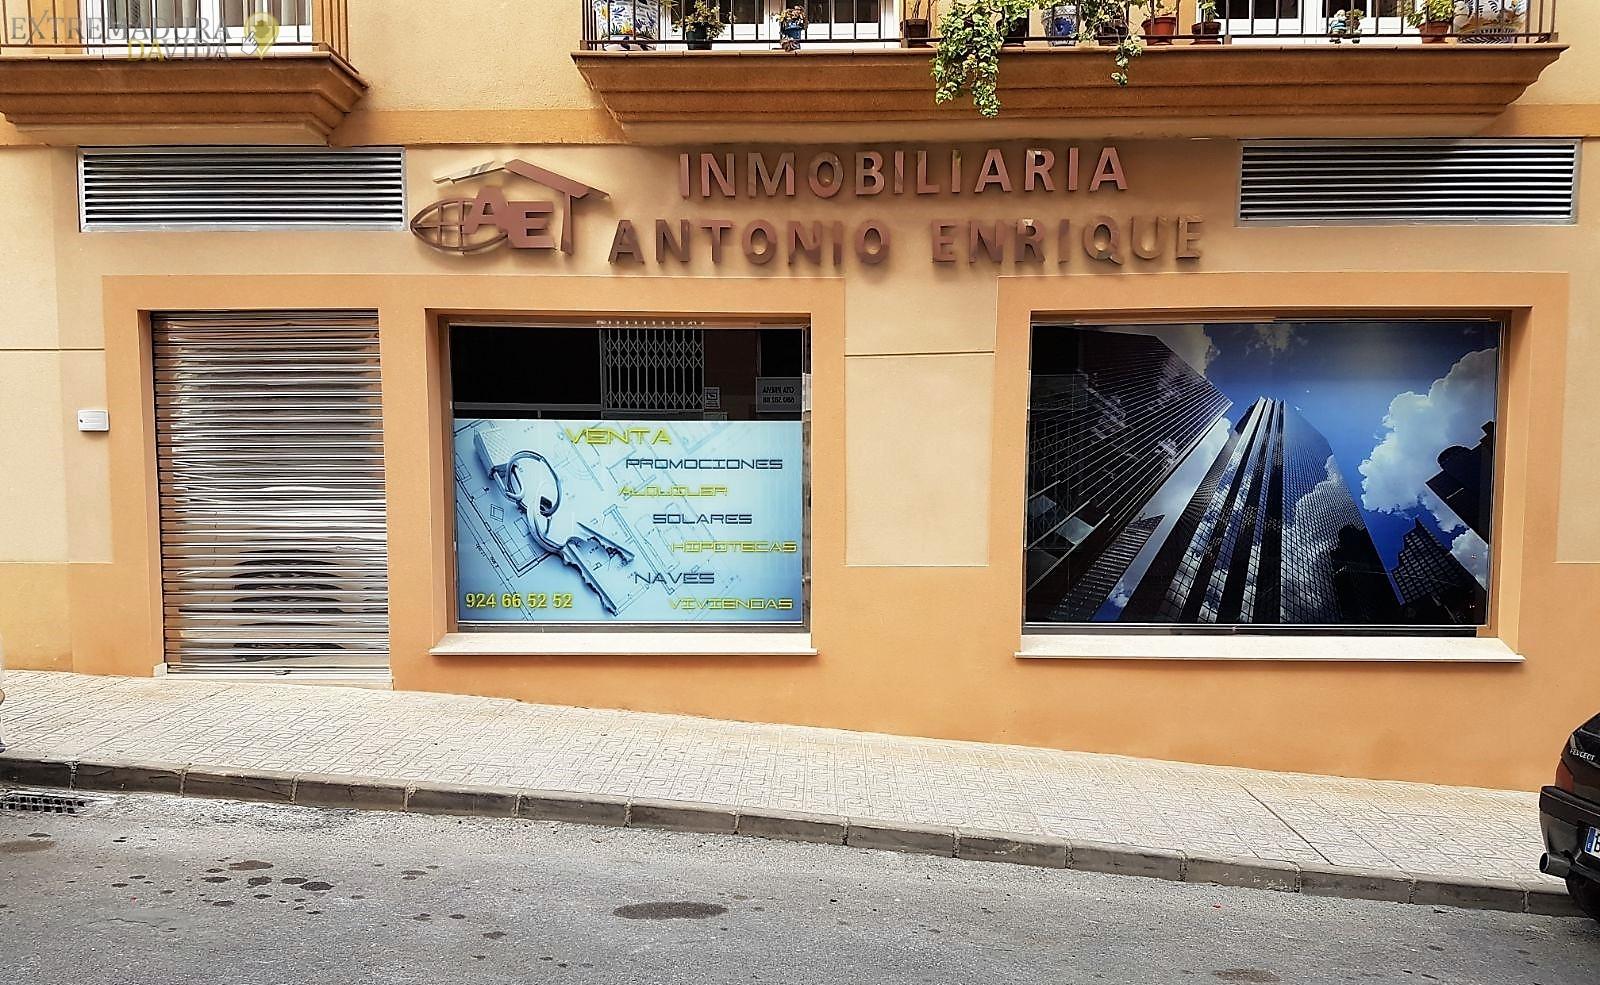 Inmobiliaria Almendralejo Antonio Enrique